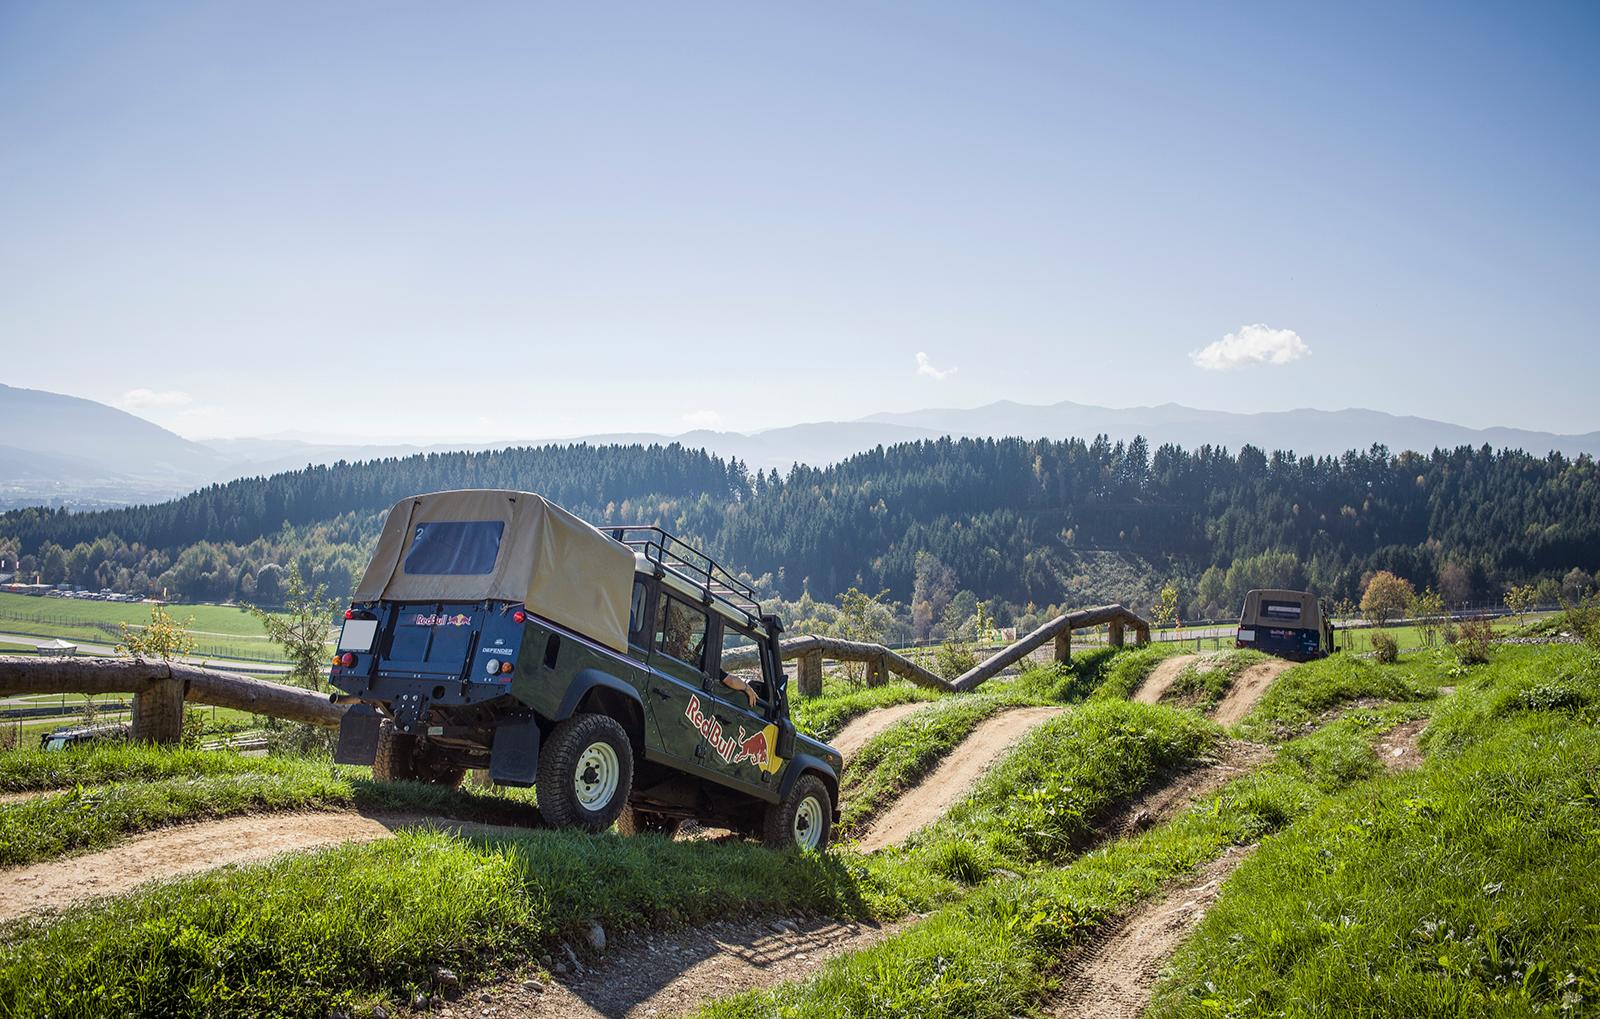 gelaendewagen-offroad-fahren-spielberg-bg4